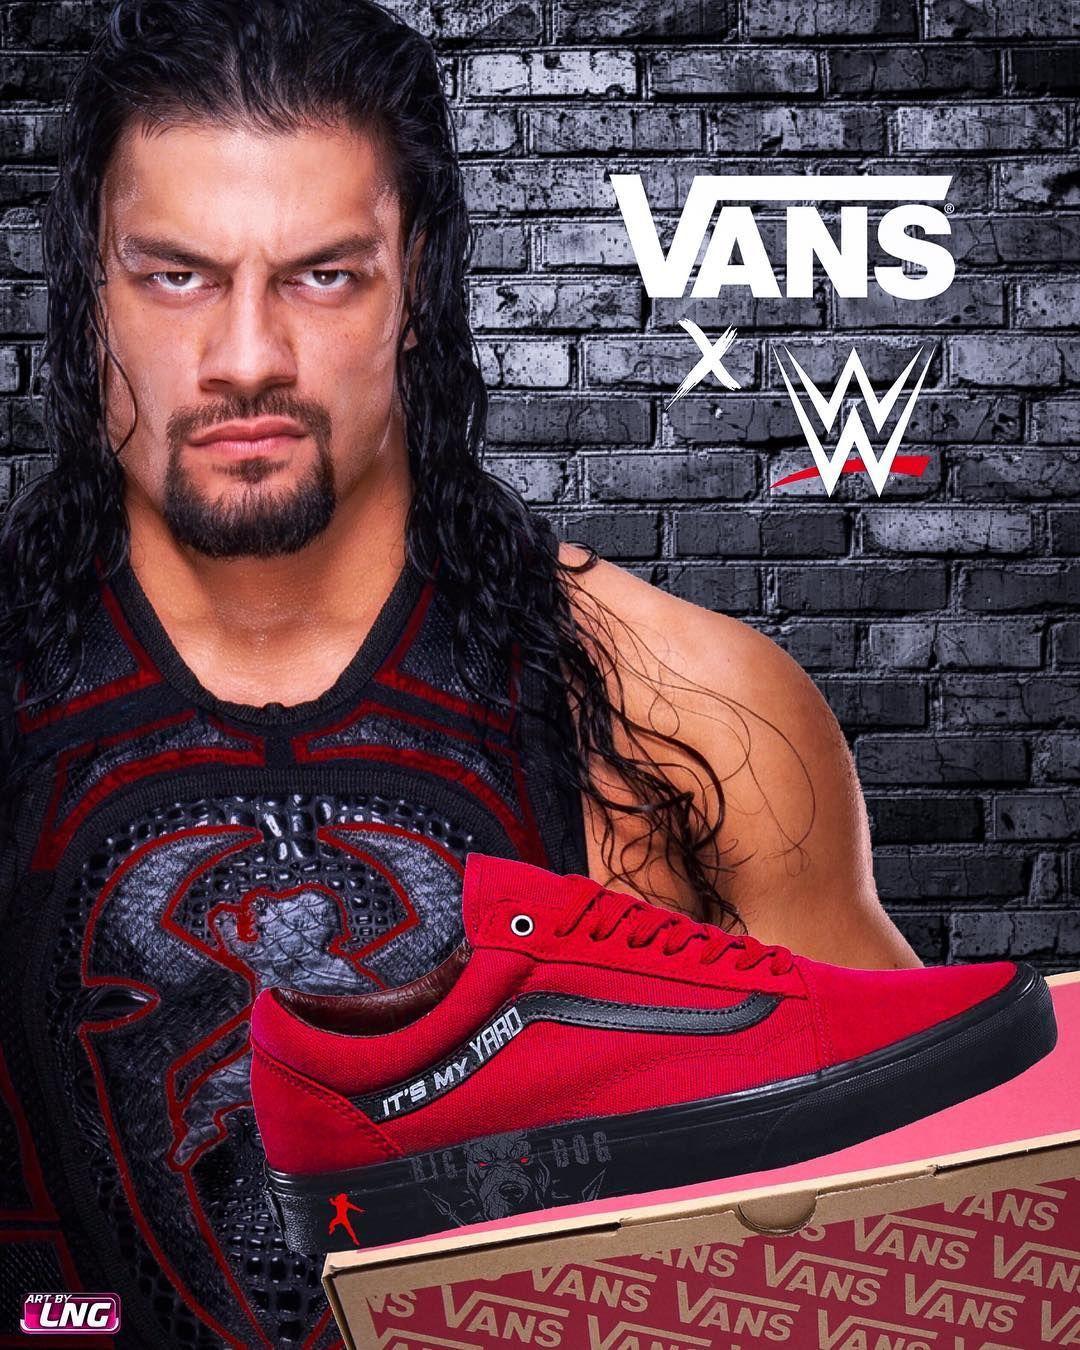 Chuck taylor sneakers, Vans, Vans